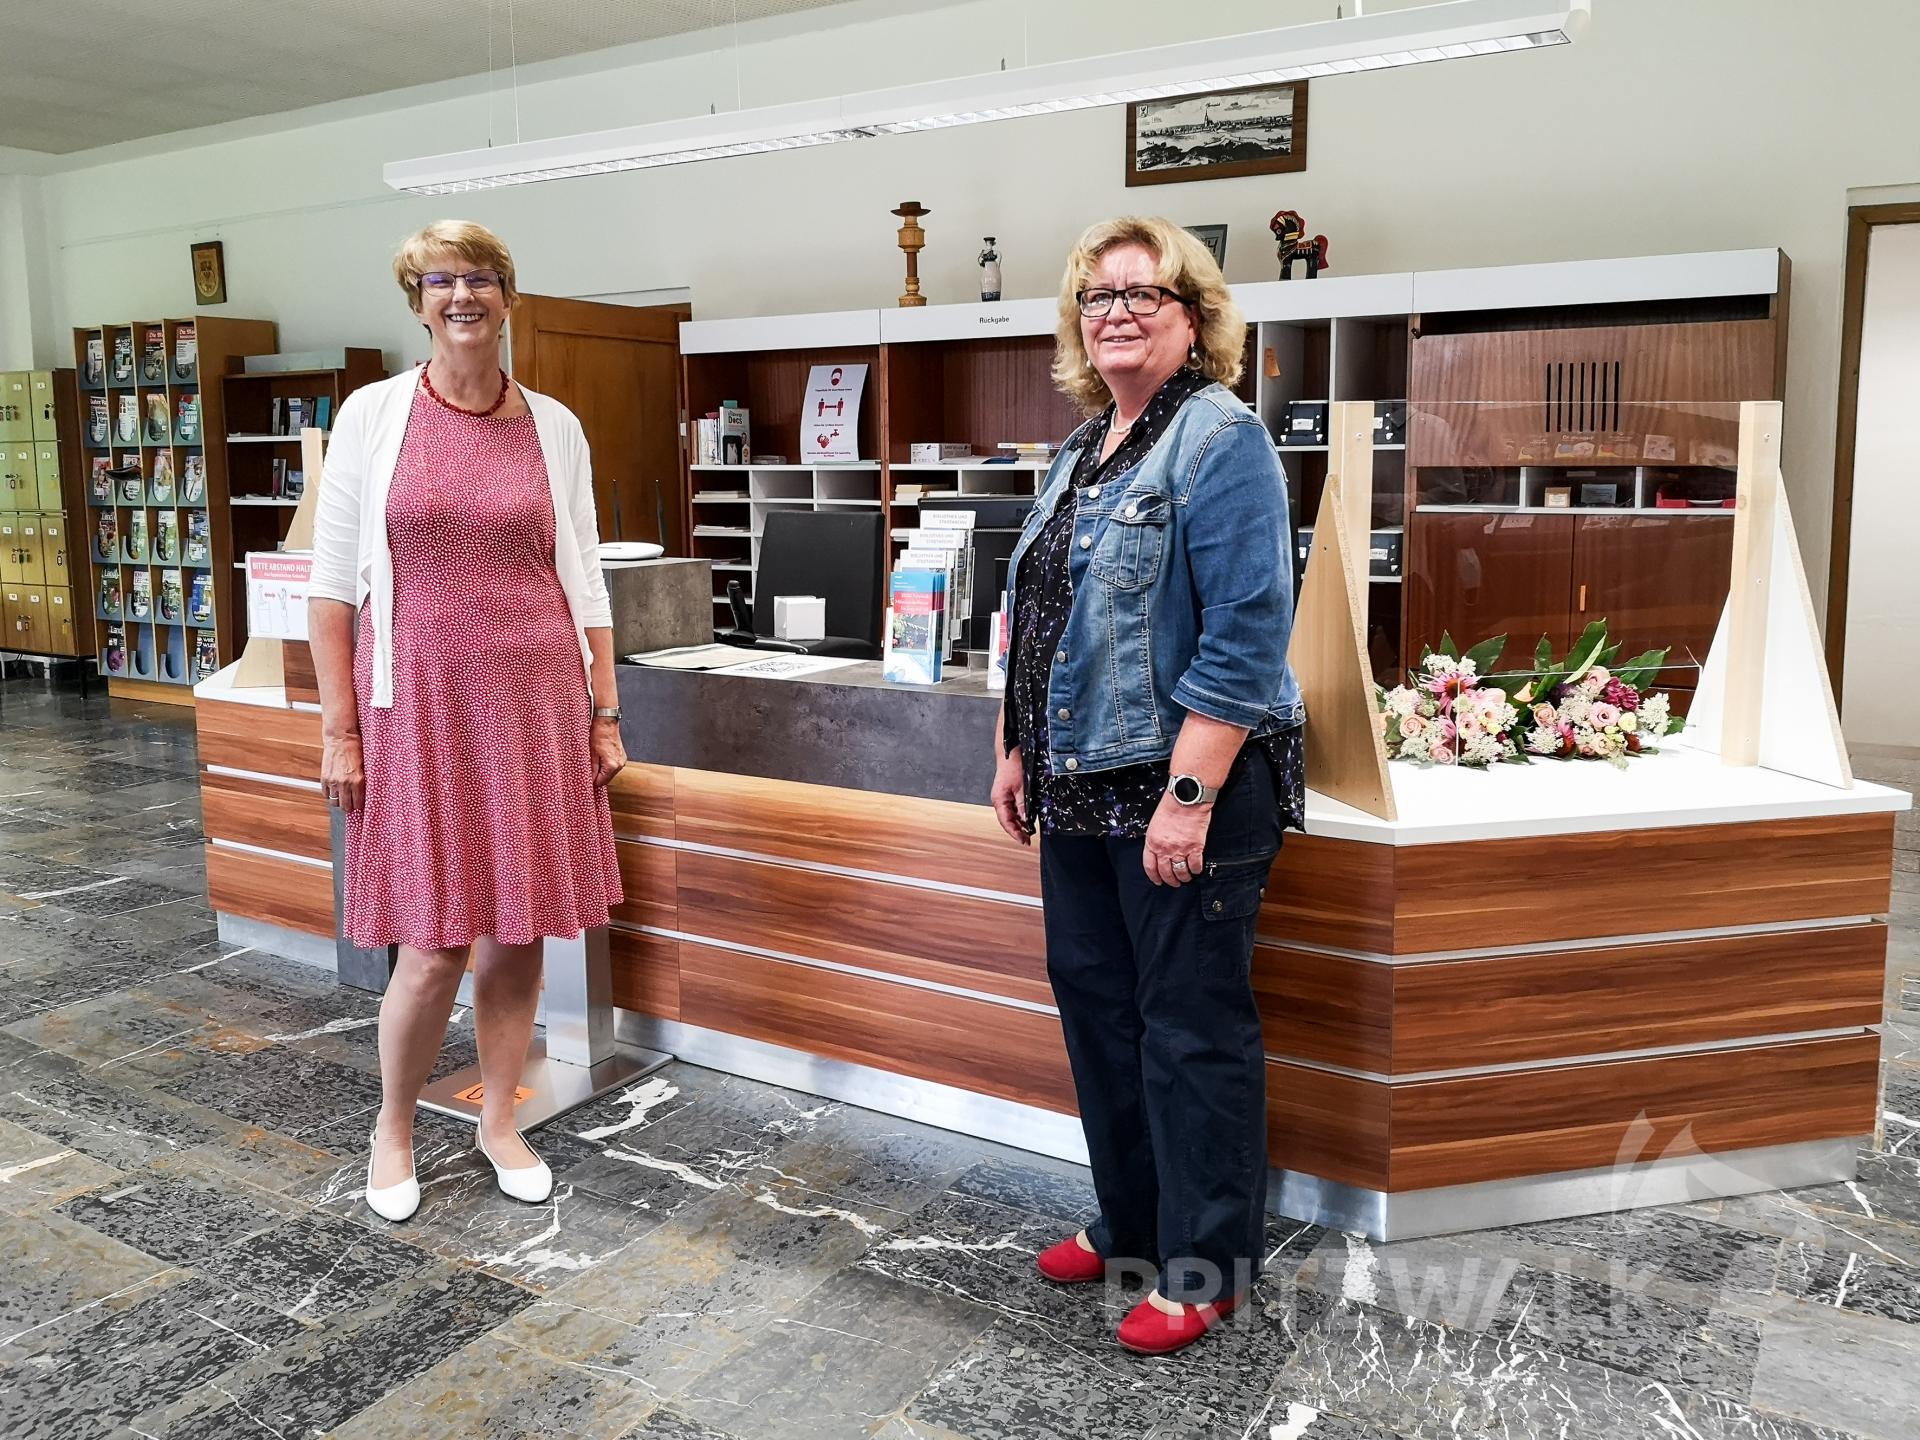 Marita Rehm und Angela Kludas, wie sie viele Leserinnen und Leser der Stadtbibliothek Pritzwalk kennen. Sie gehen in den Ruhestand. Foto: Beate Vogel